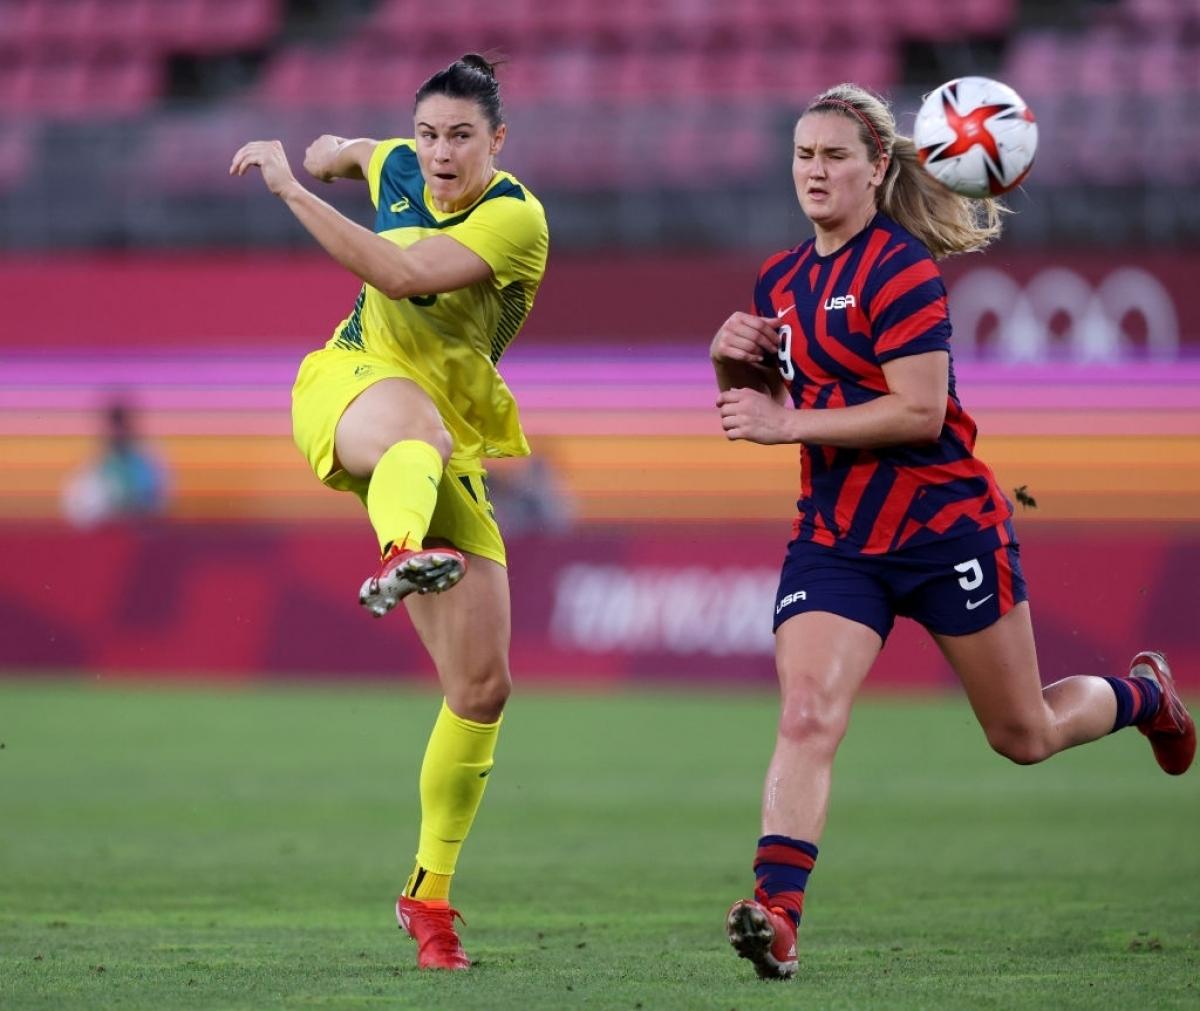 Dù vậy, đại diện đến từ AFC chỉ kịp ghi thêm 1 bàn củaGielnik ở phút 90. Trận đấu kết thúc với chiến thắng 4-3 cùng tấm HCĐ cho ĐT nữ Mỹ./.